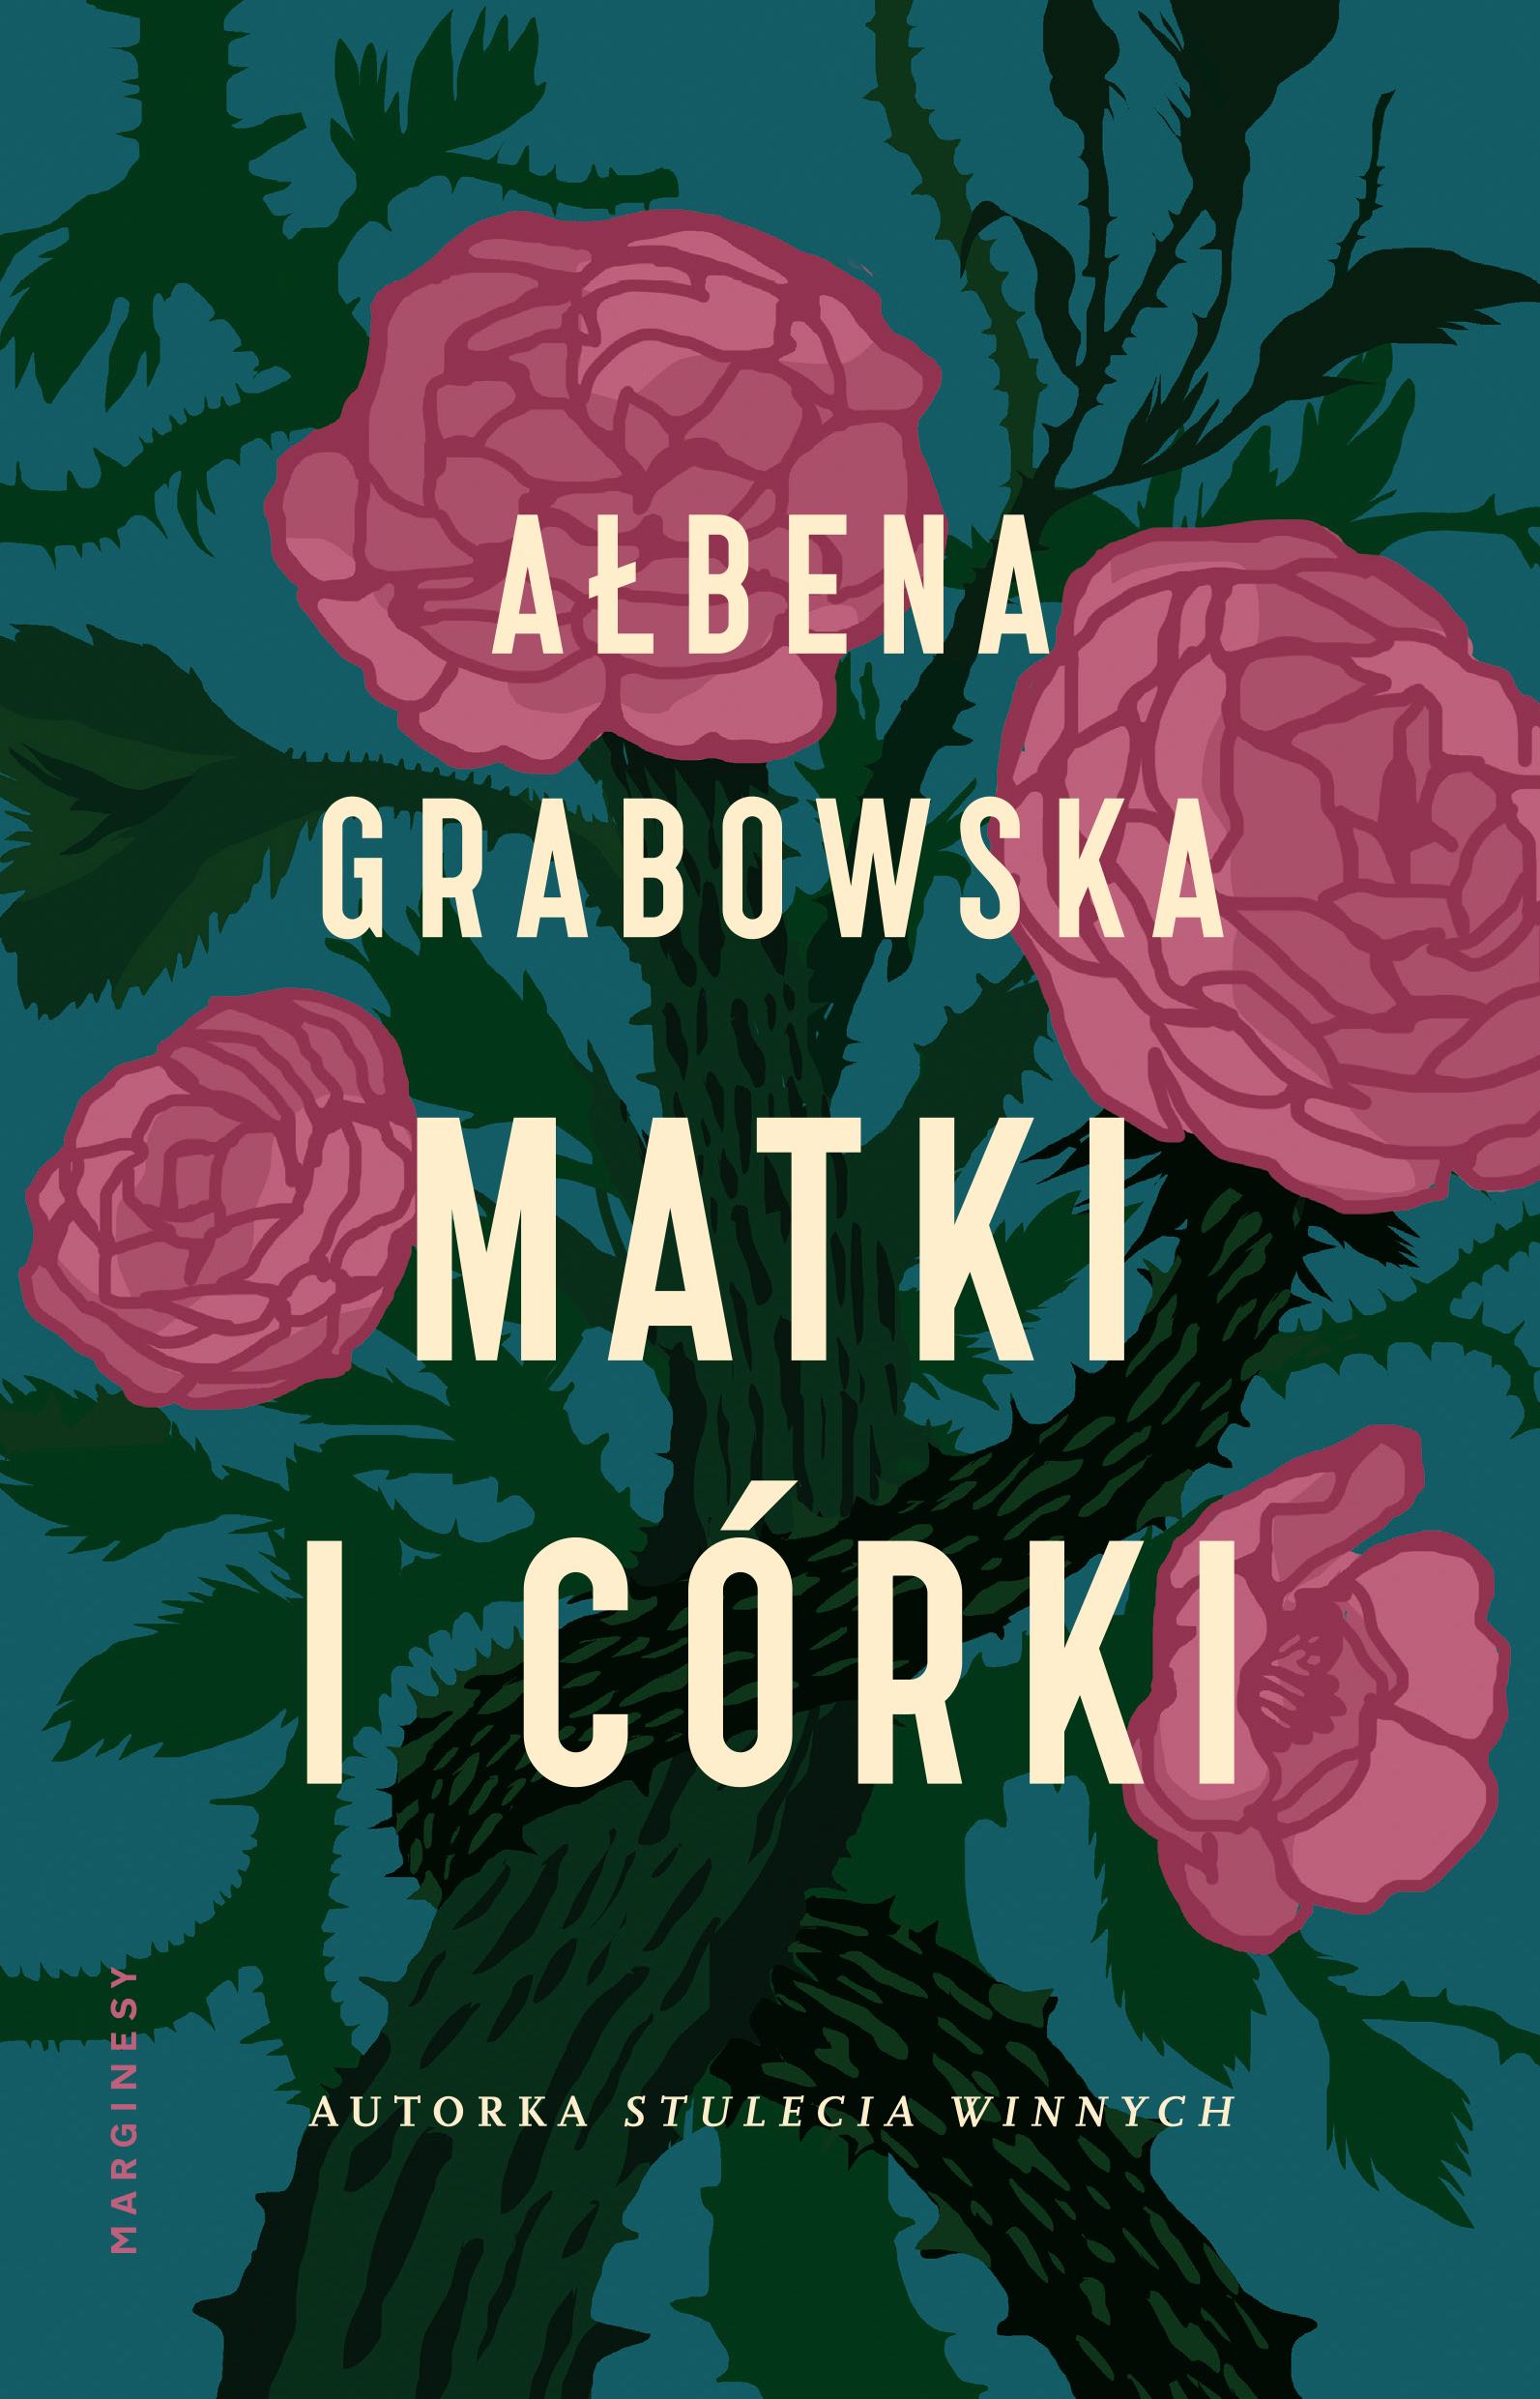 """SZPIEG W KSIĘGARNI: """"MATKI I CÓRKI"""" Ałbena Grabowska - recenzja premierowa"""